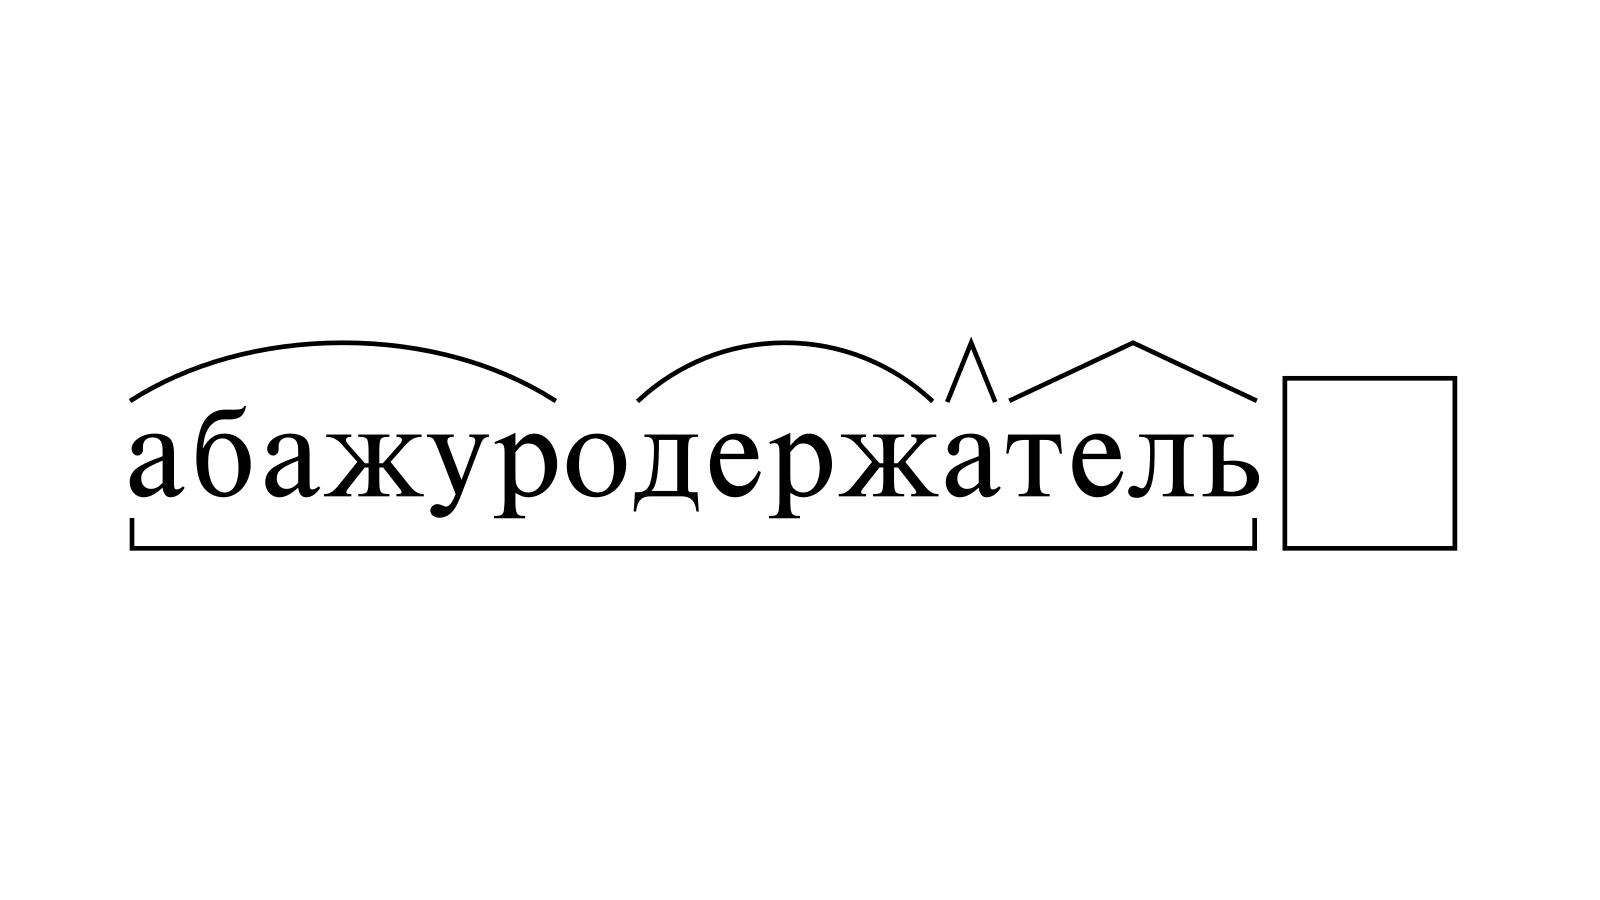 Разбор слова «абажуродержатель» по составу